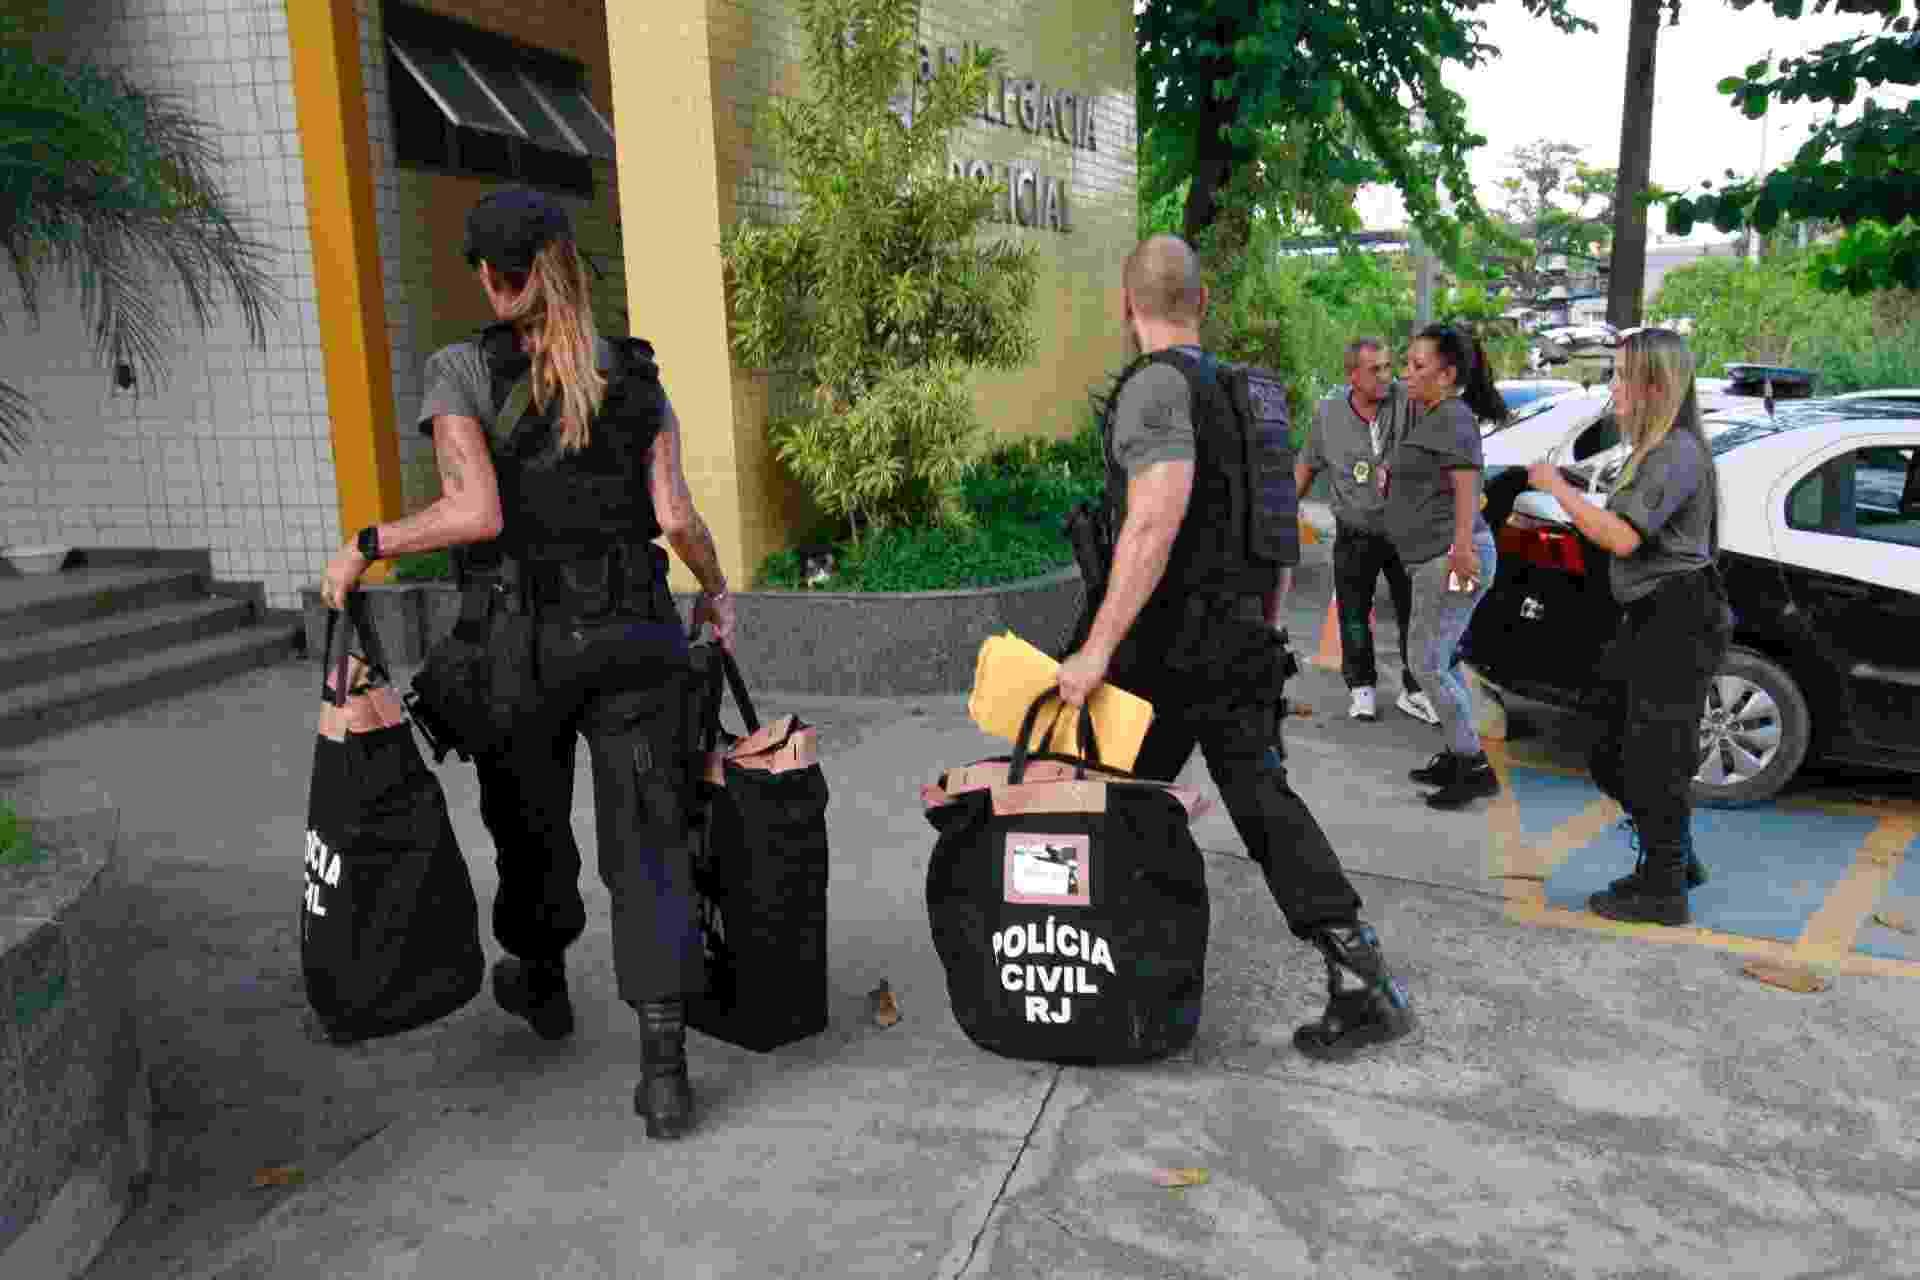 2.mai.2019 - Policiais chegam à 16º DP na Barra da Tijuca, no Rio de Janeiro (RJ), carregando malotes com documentos aprendidos na associação de moradores da Muzema - Jose Lucena/Futura Press/Estadão Conteúdo